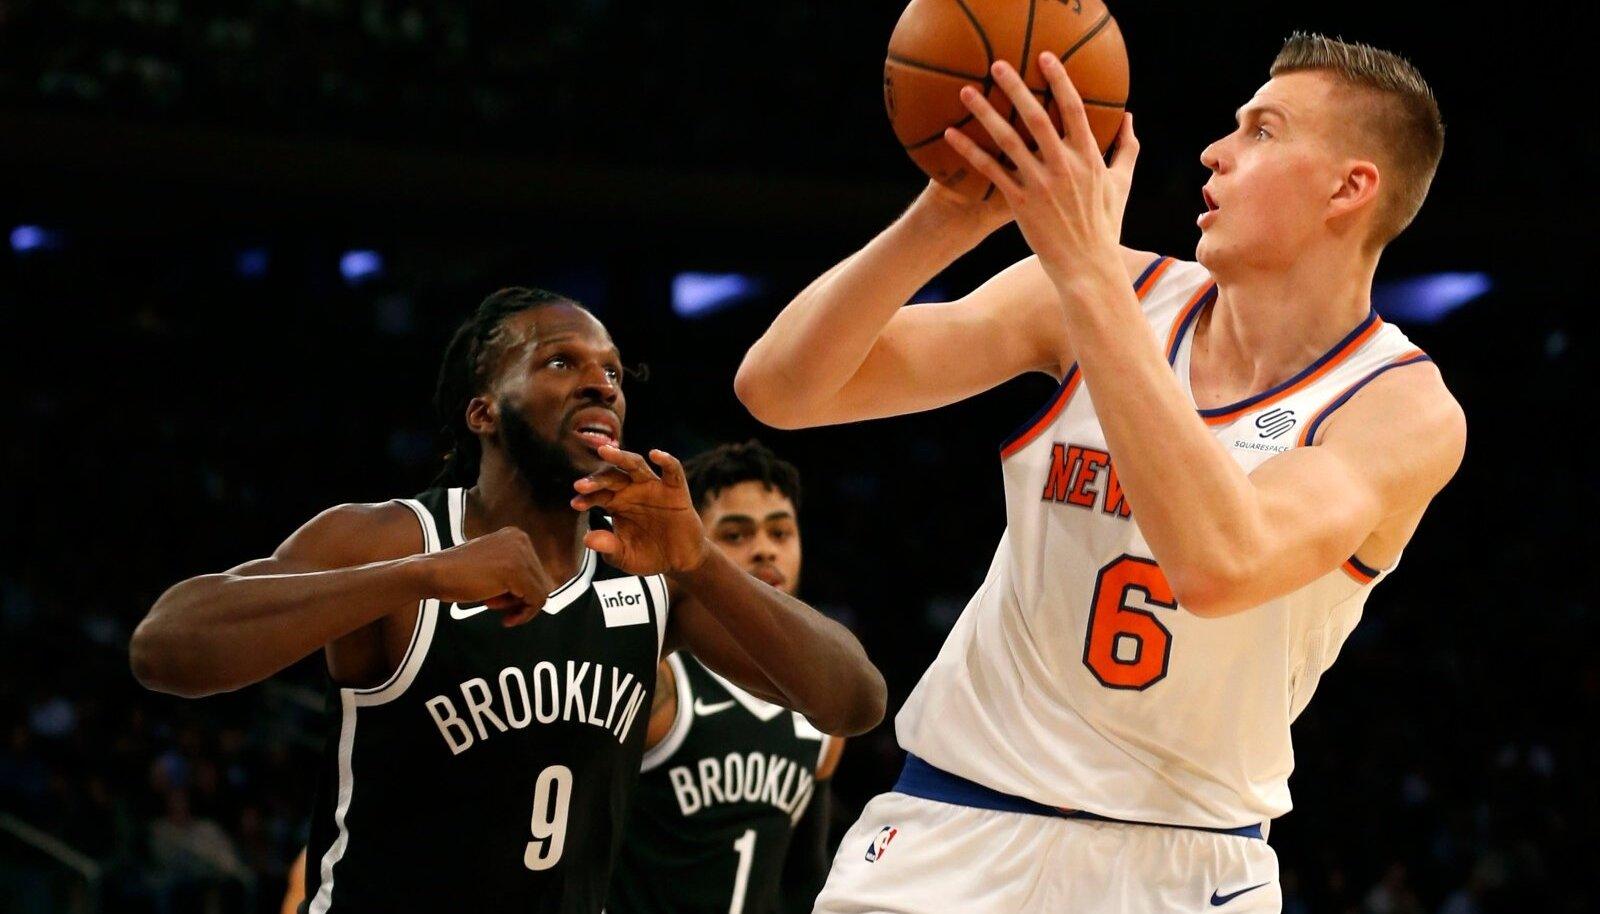 NBA: Brooklyn Nets at New York Knicks